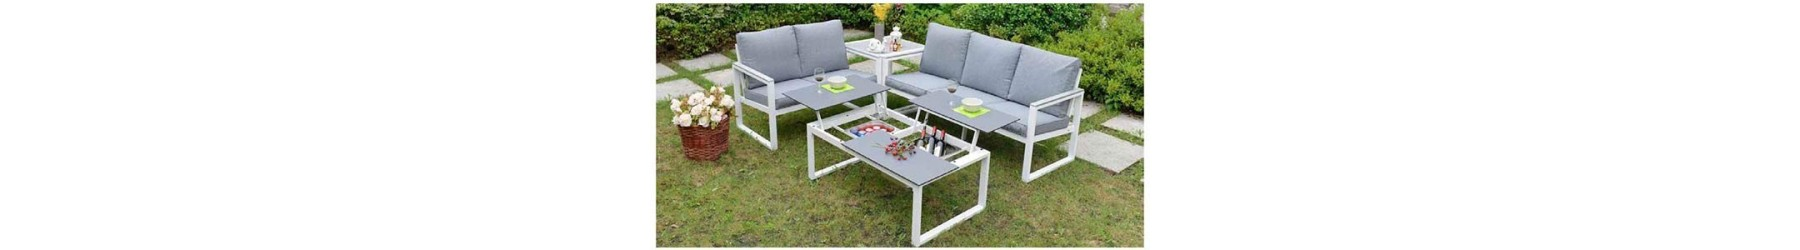 Καθιστικά κήπου και βεράντας με αλουμίνιο και επιφάνειες από Polywood